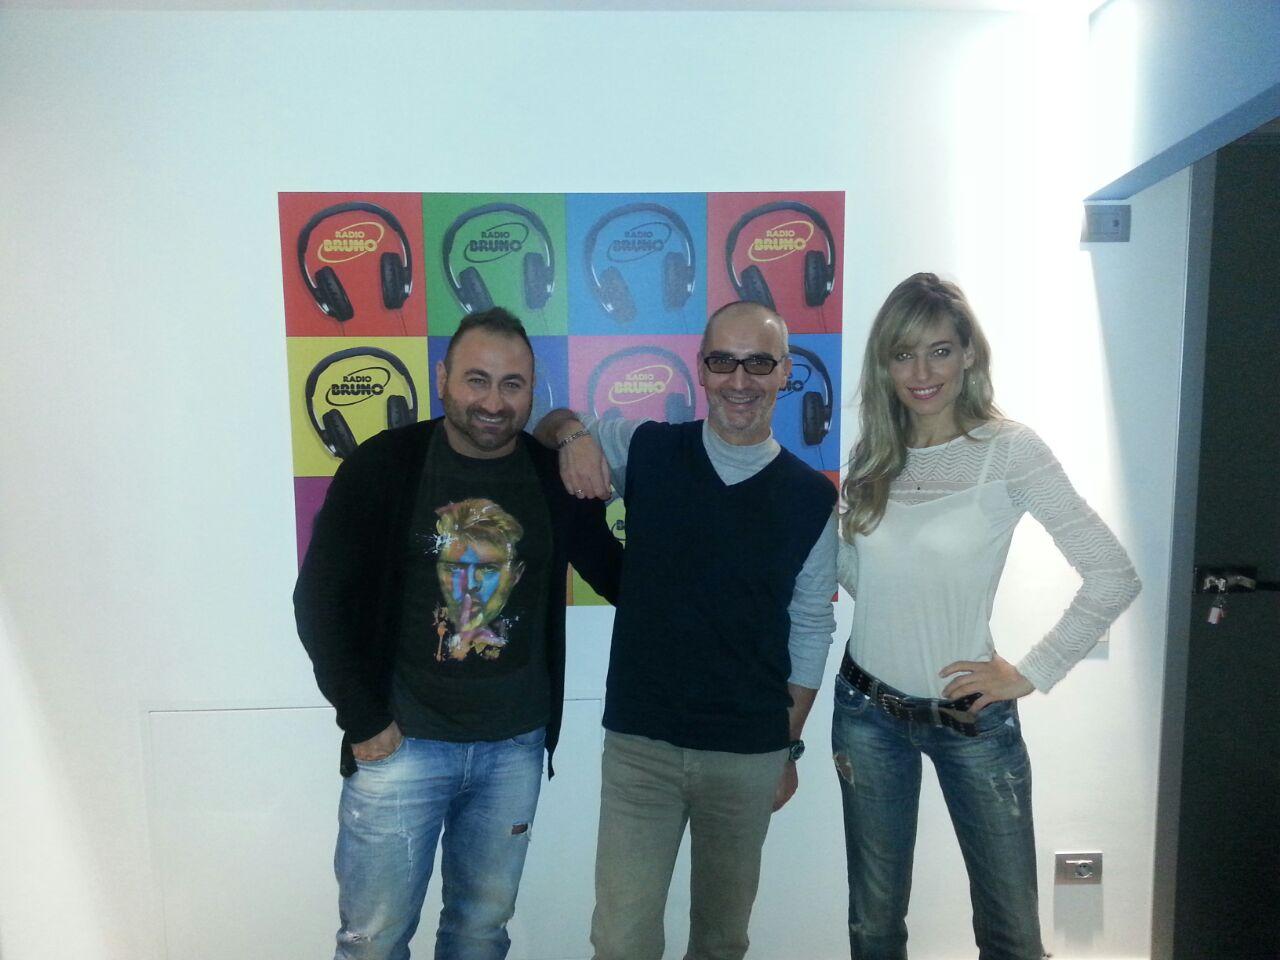 Jessica and Dani Piccirillo in an Italian radio appearance